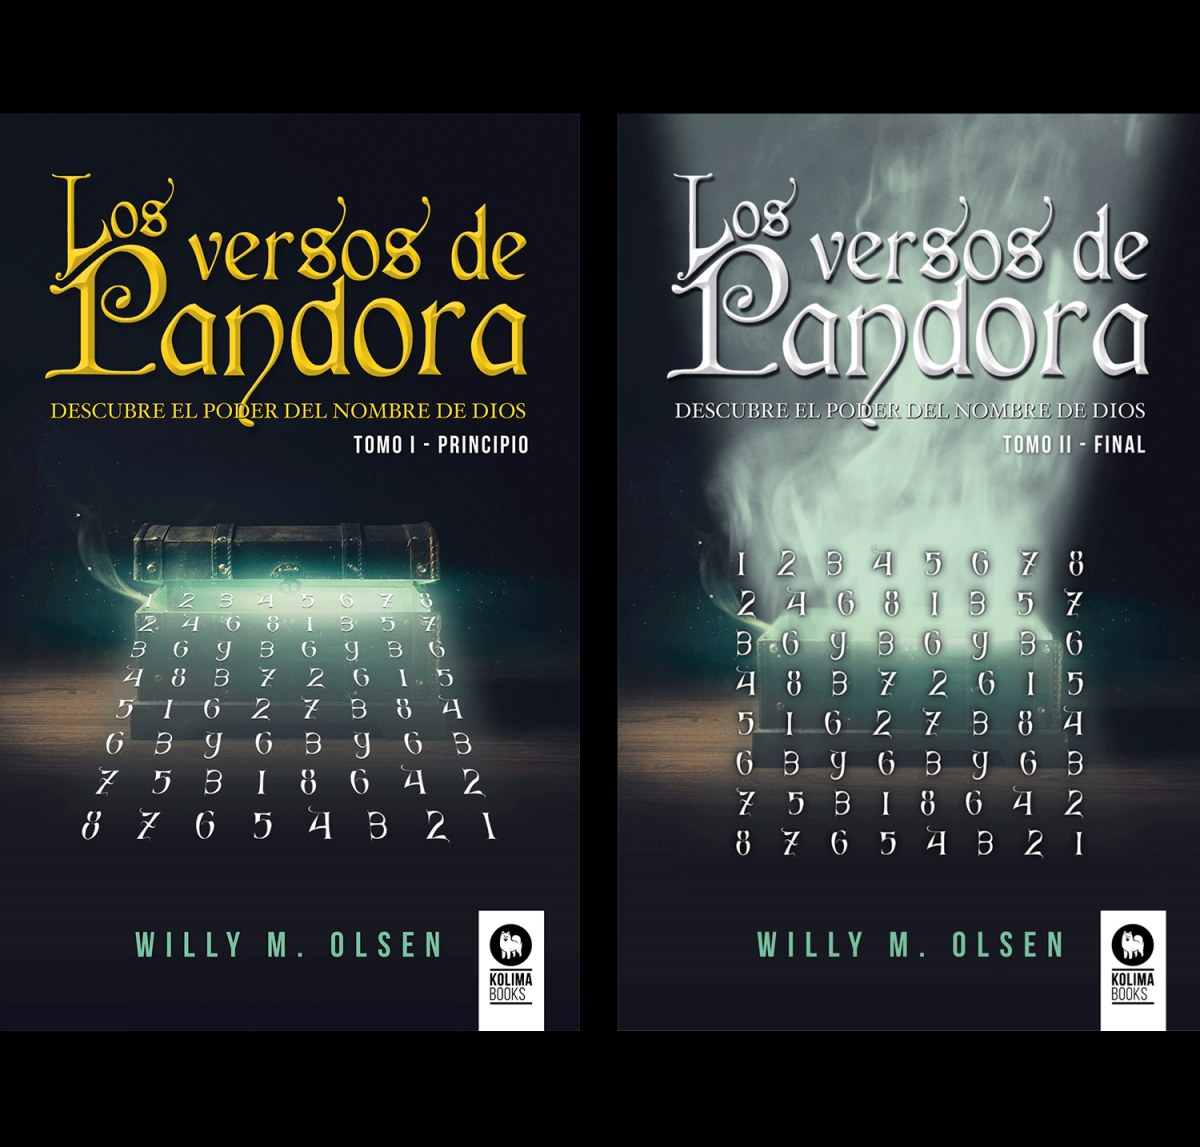 LOS VERSOD DE PANDORA (PACK) 9788417566012